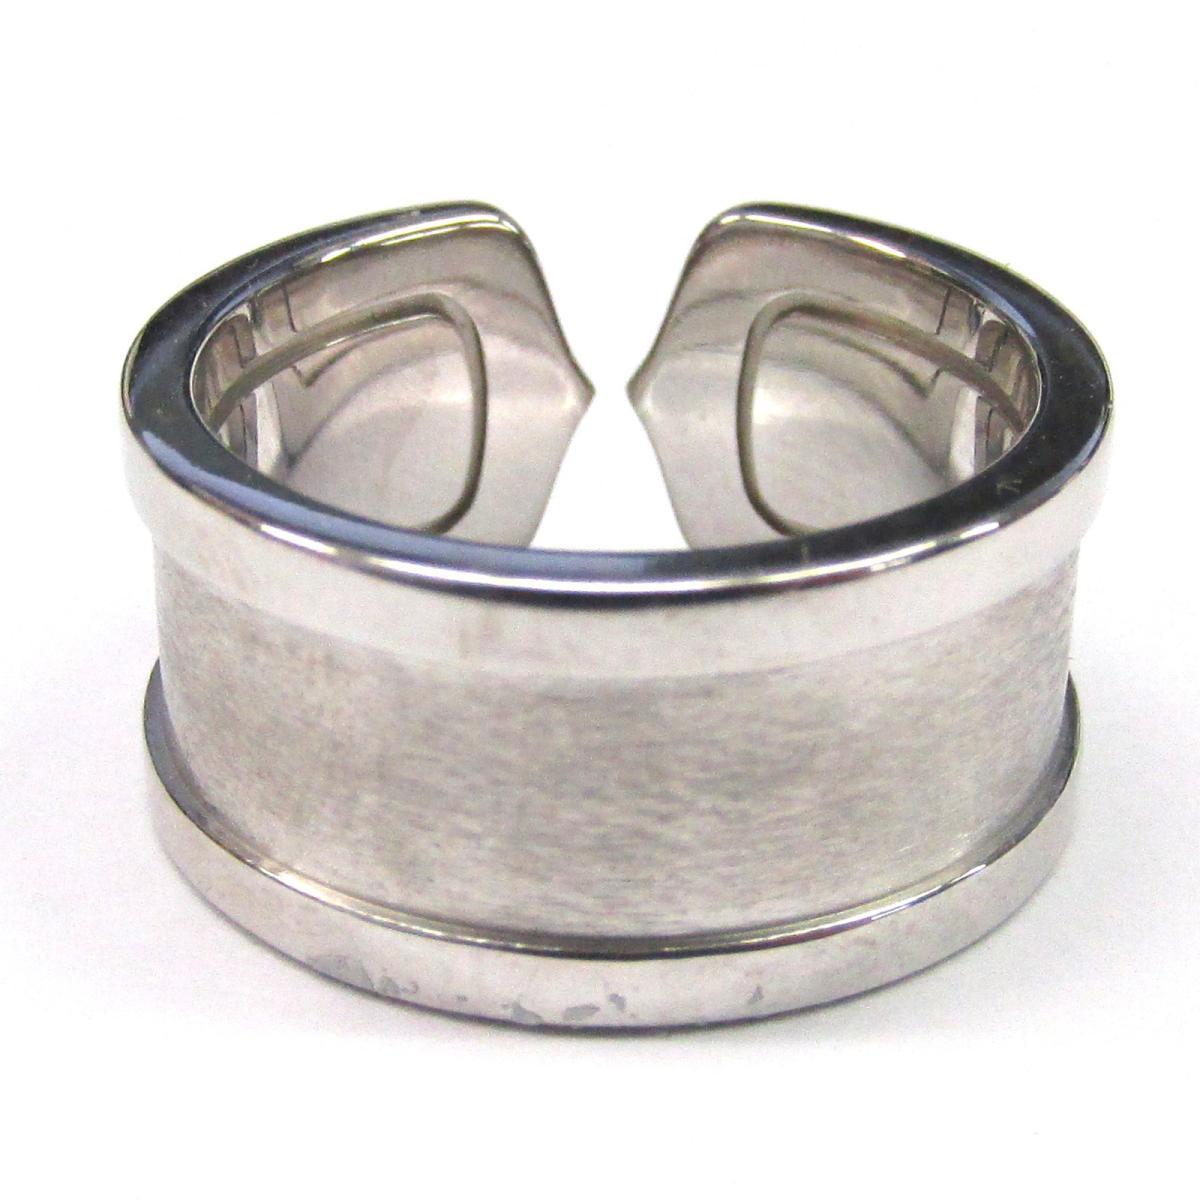 カルティエ C2 リング 指輪 ブランドジュエリー レディース K18WG750ホワイトゴールドCartier BRANDOFF ブランドオフ ブランド ジュエリー アクセサリーuXZPkiO